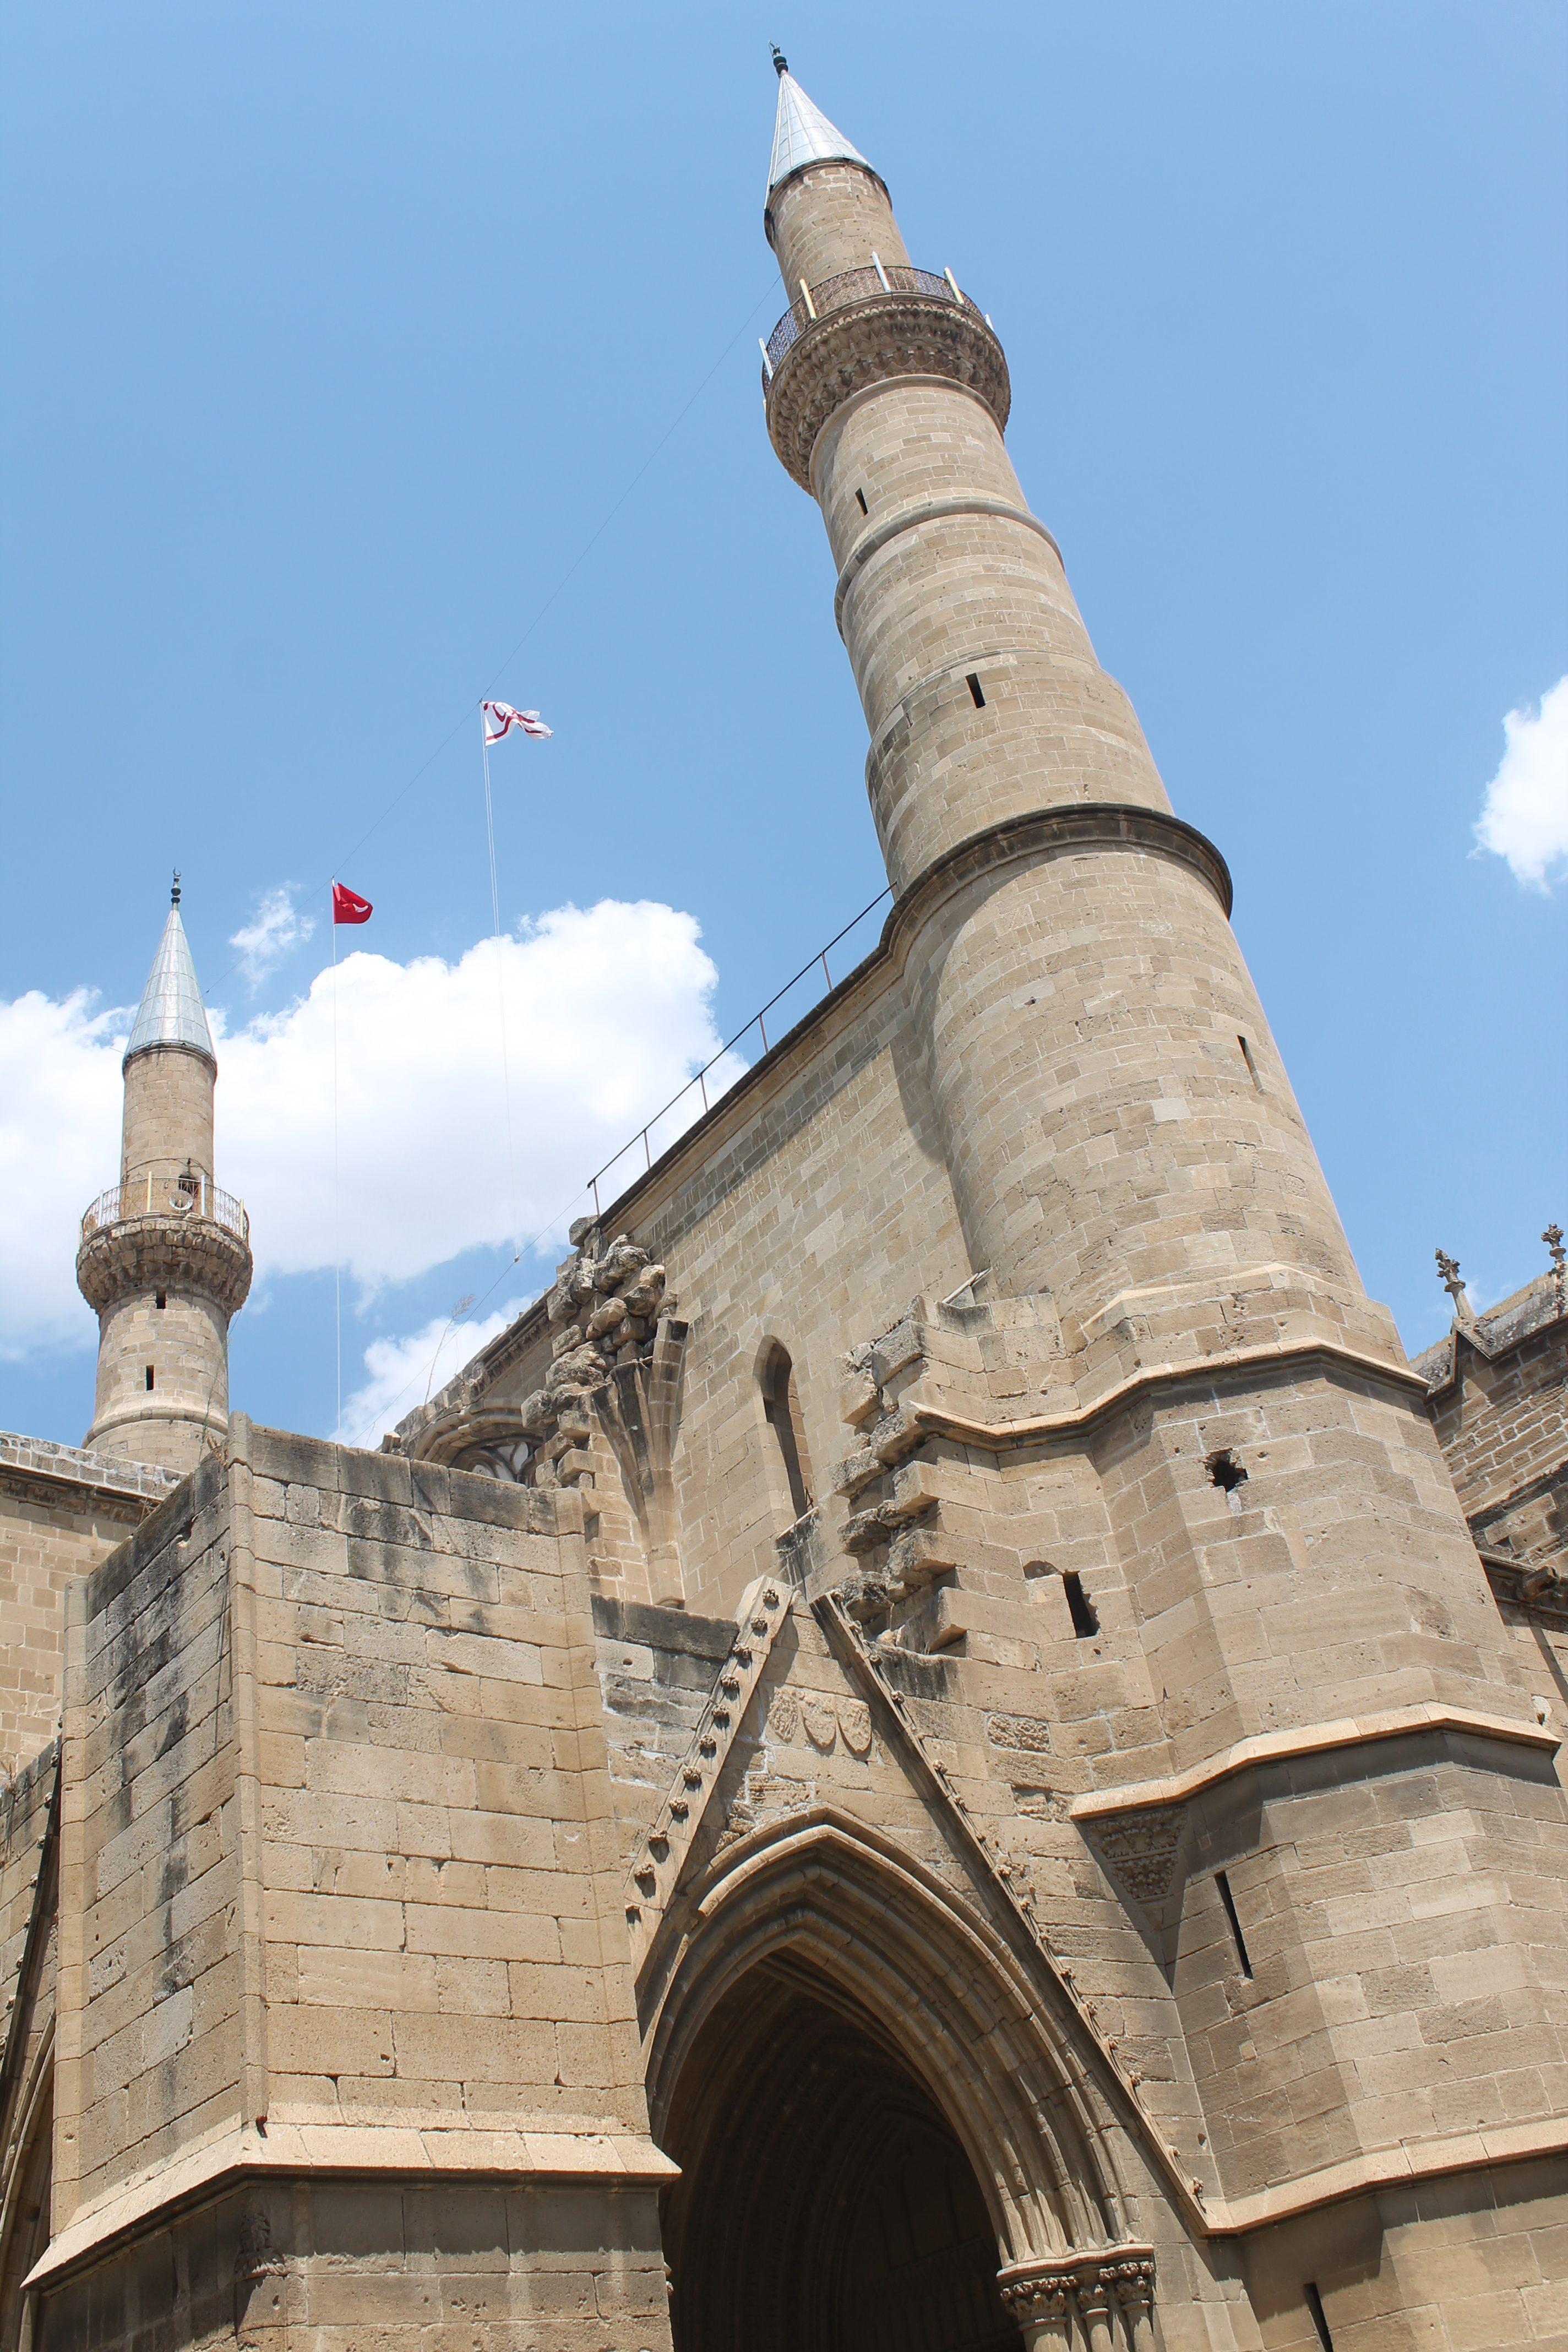 Cosa vedere a Nicosia in un giorno ph. @poshbackpackers la moschea